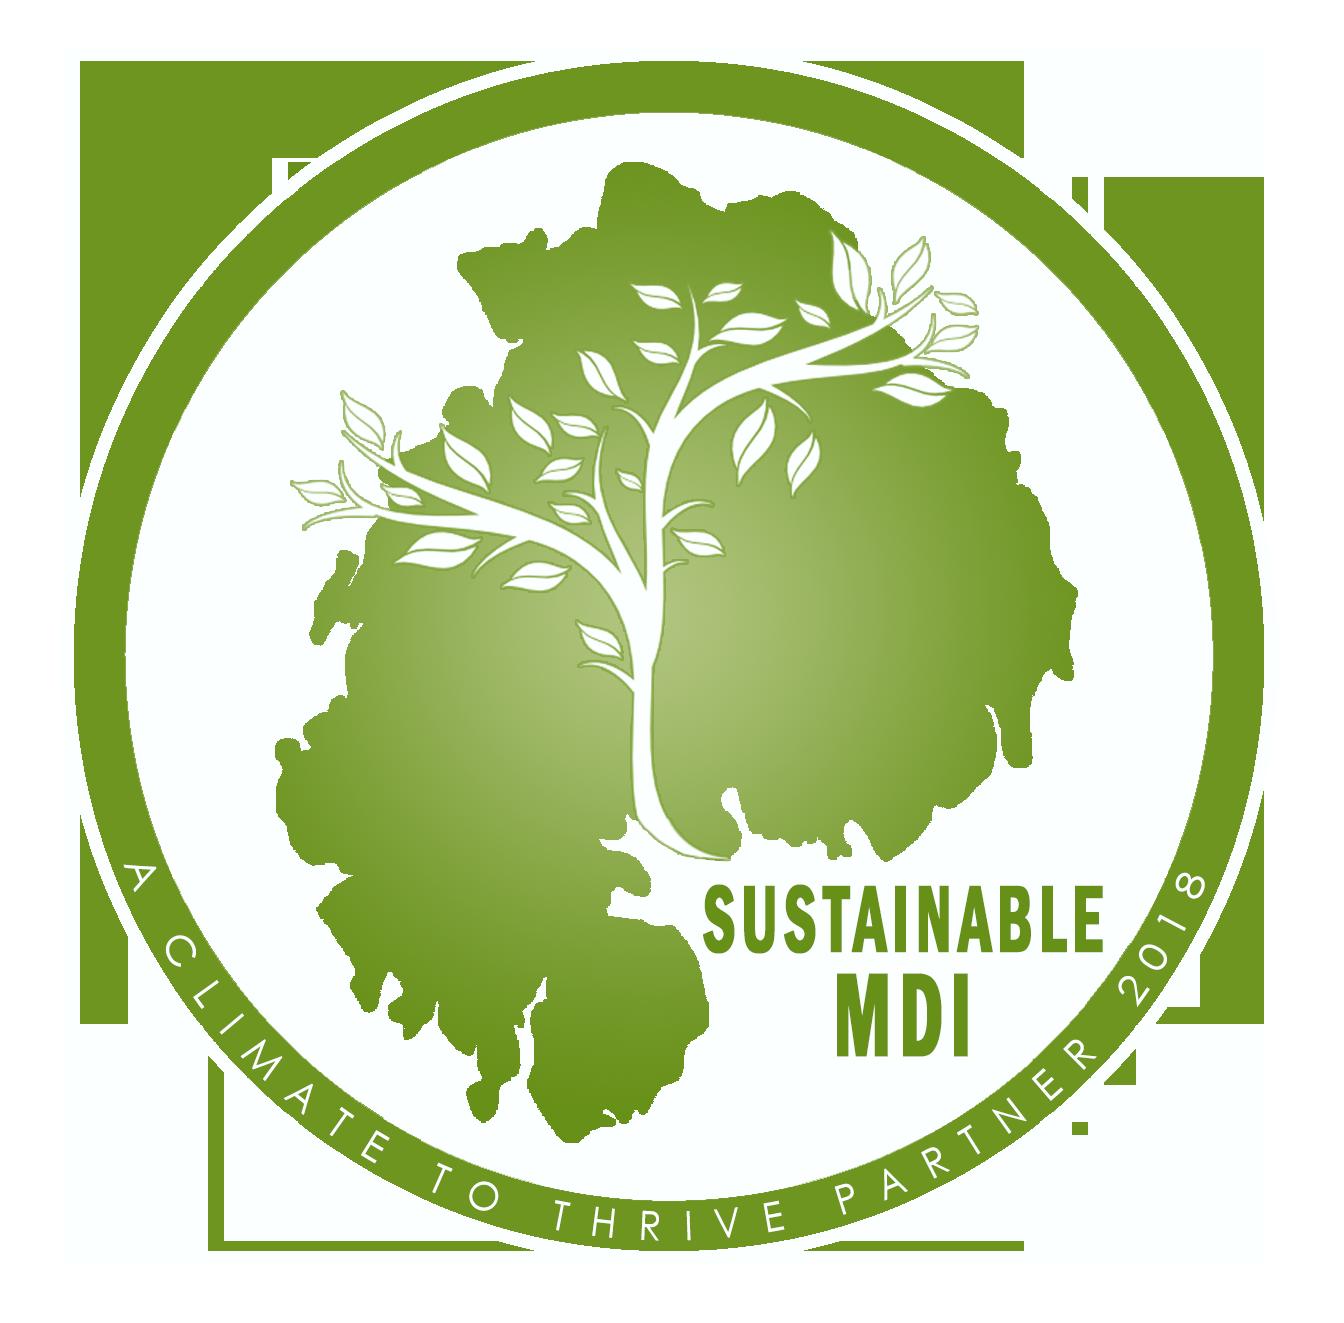 SMDI-logo.png